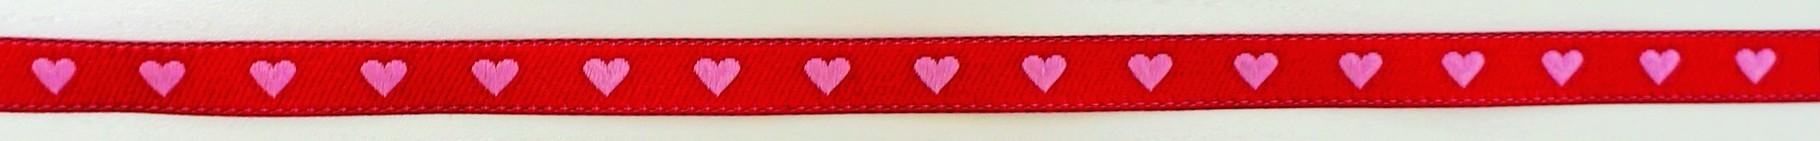 Herzen auf rot